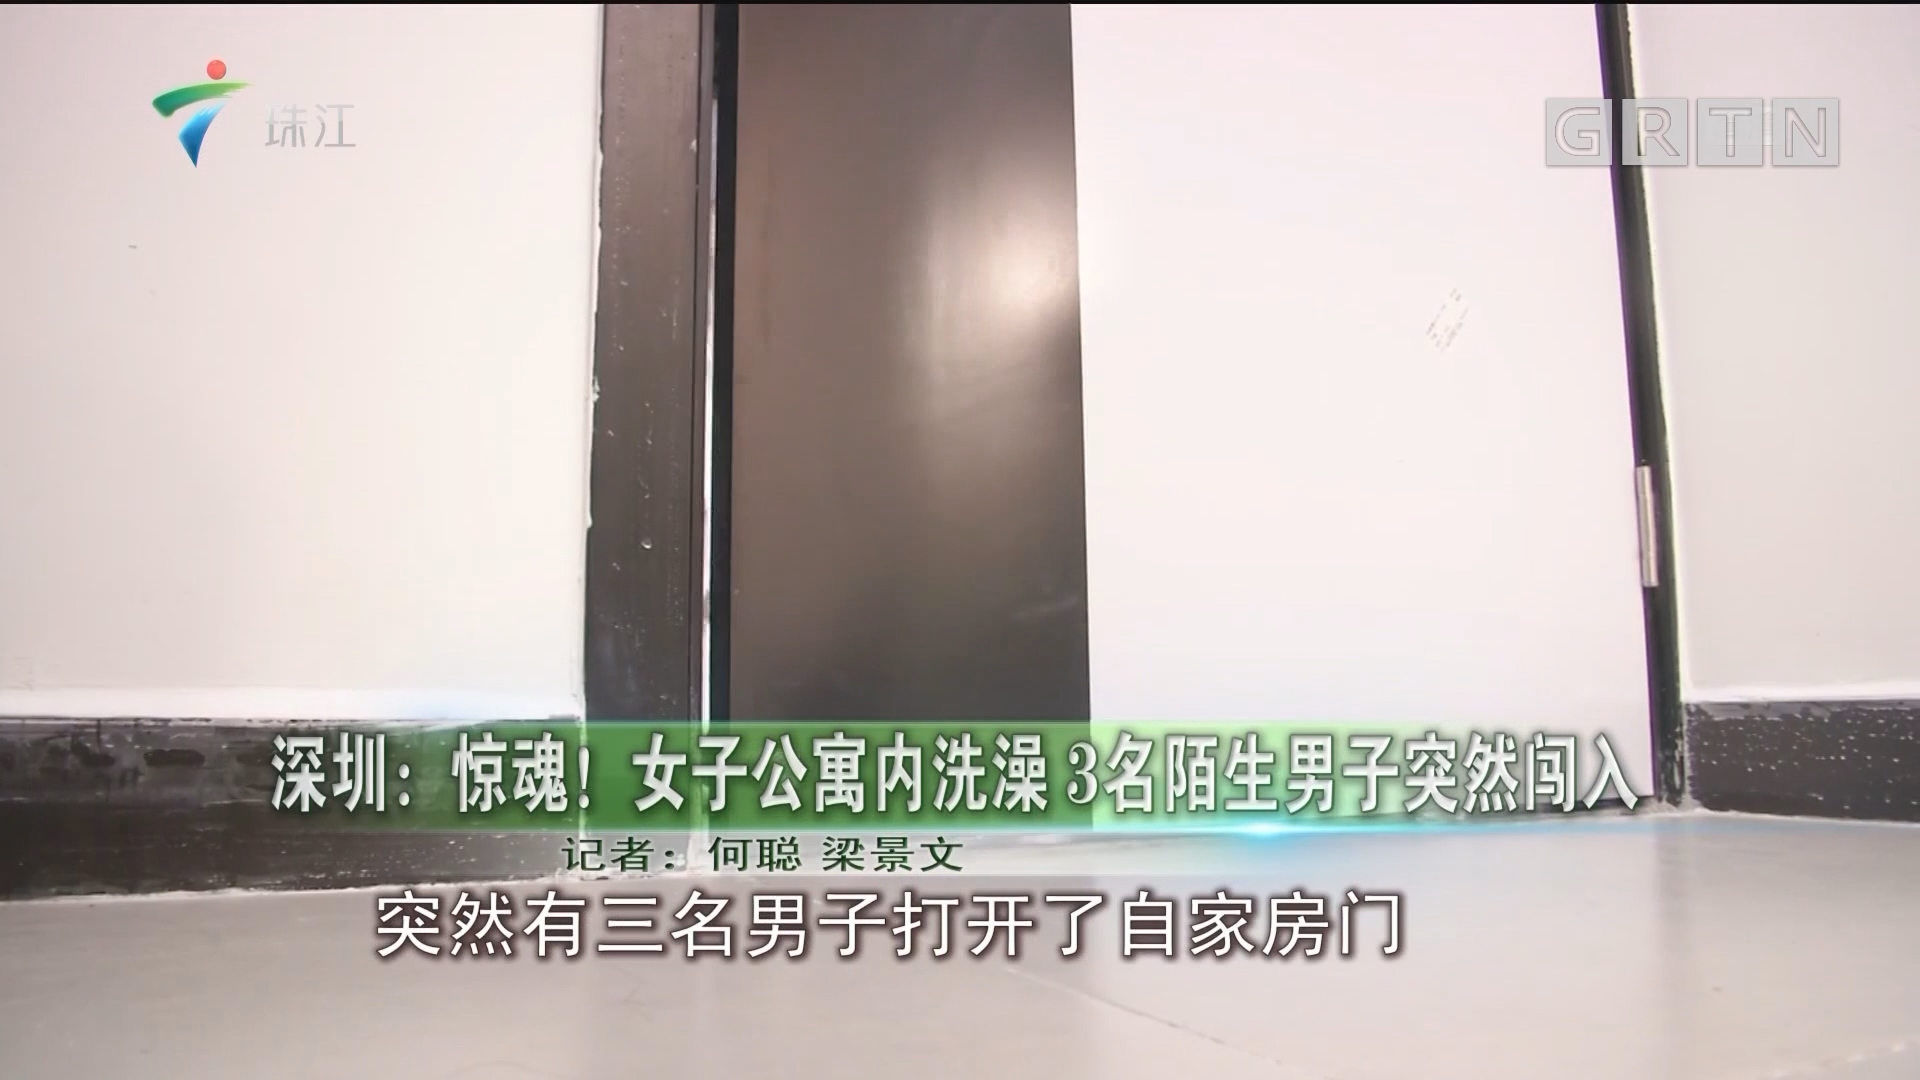 深圳:惊魂!女子公寓内洗澡 3名陌生男子突然闯入